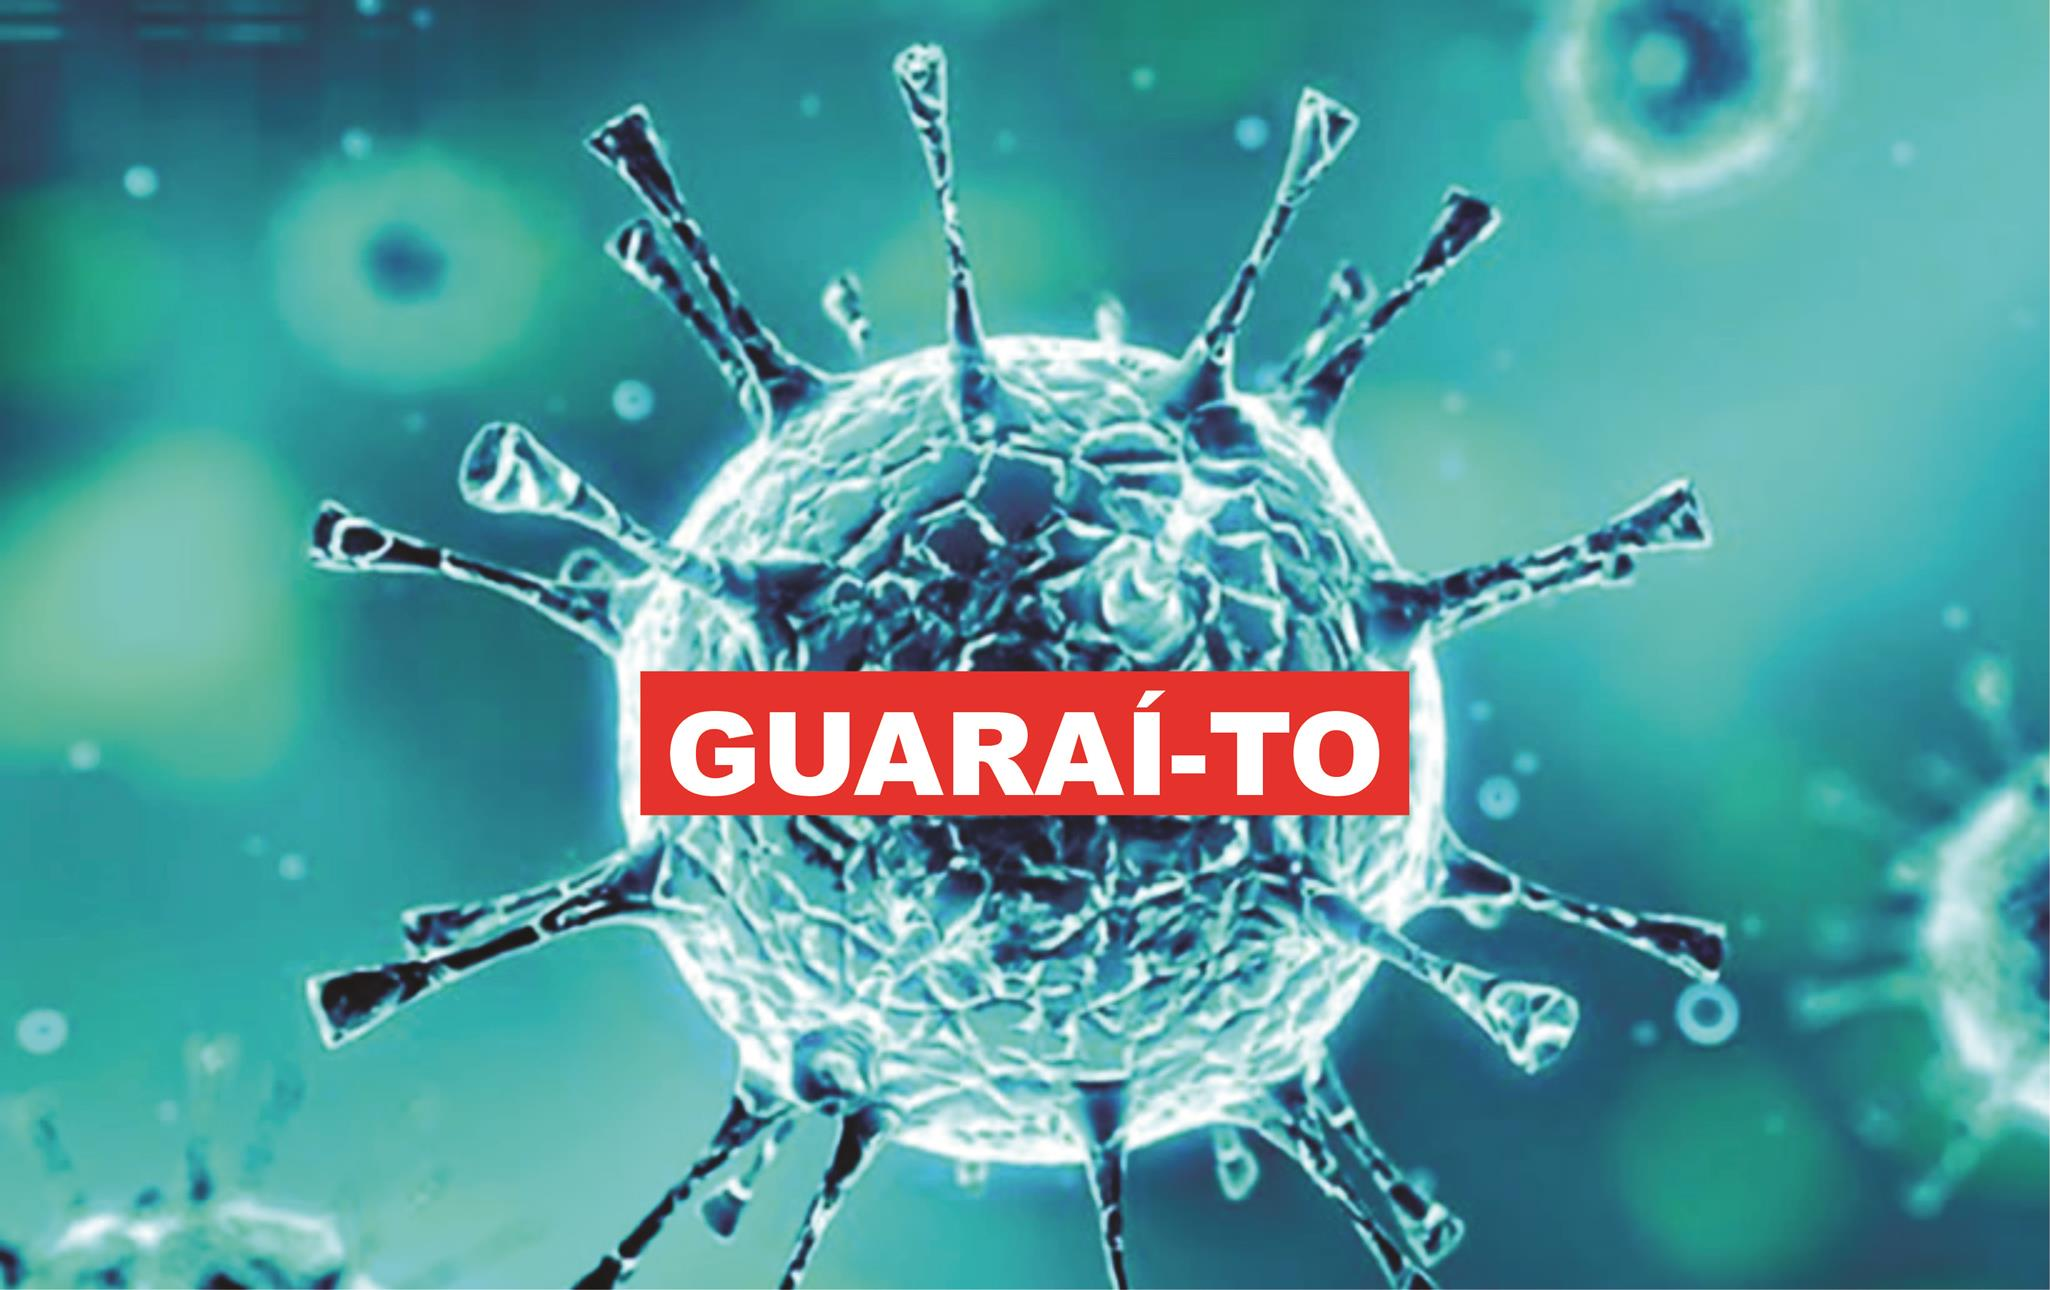 5º boletim mostra que Guaraí continua sem nenhum caso confirmado do novo coronavírus